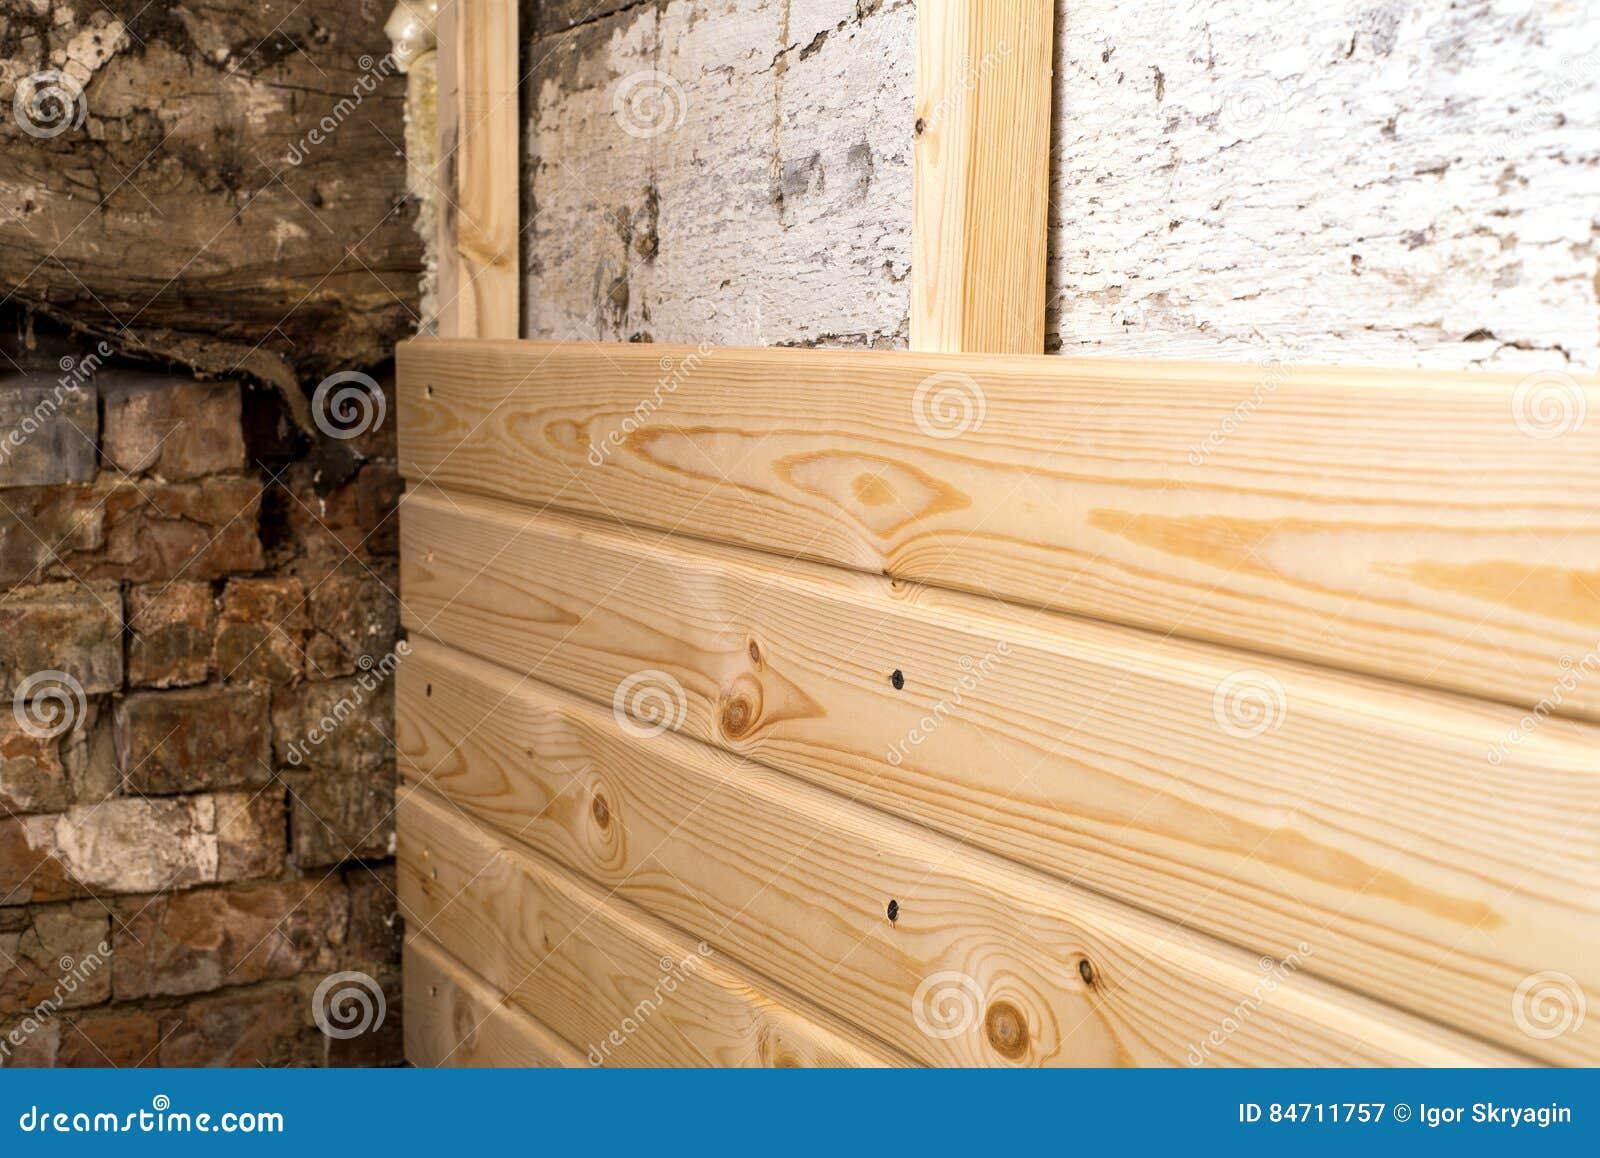 Wooden Panel Repair Stock Image 84711757